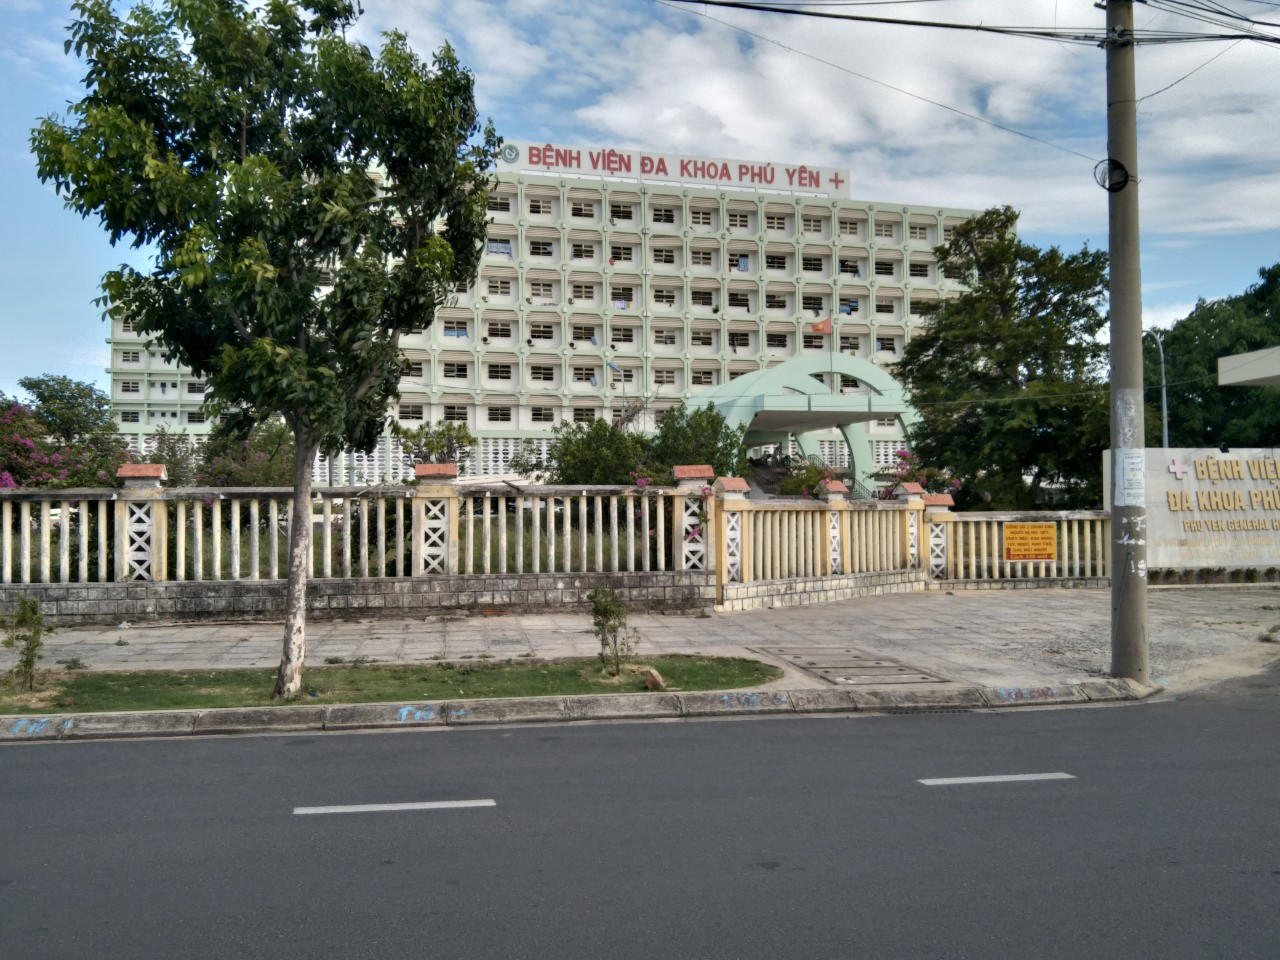 Bệnh viện Phú Yên nơi điều trị nhân mắc COVID-19.